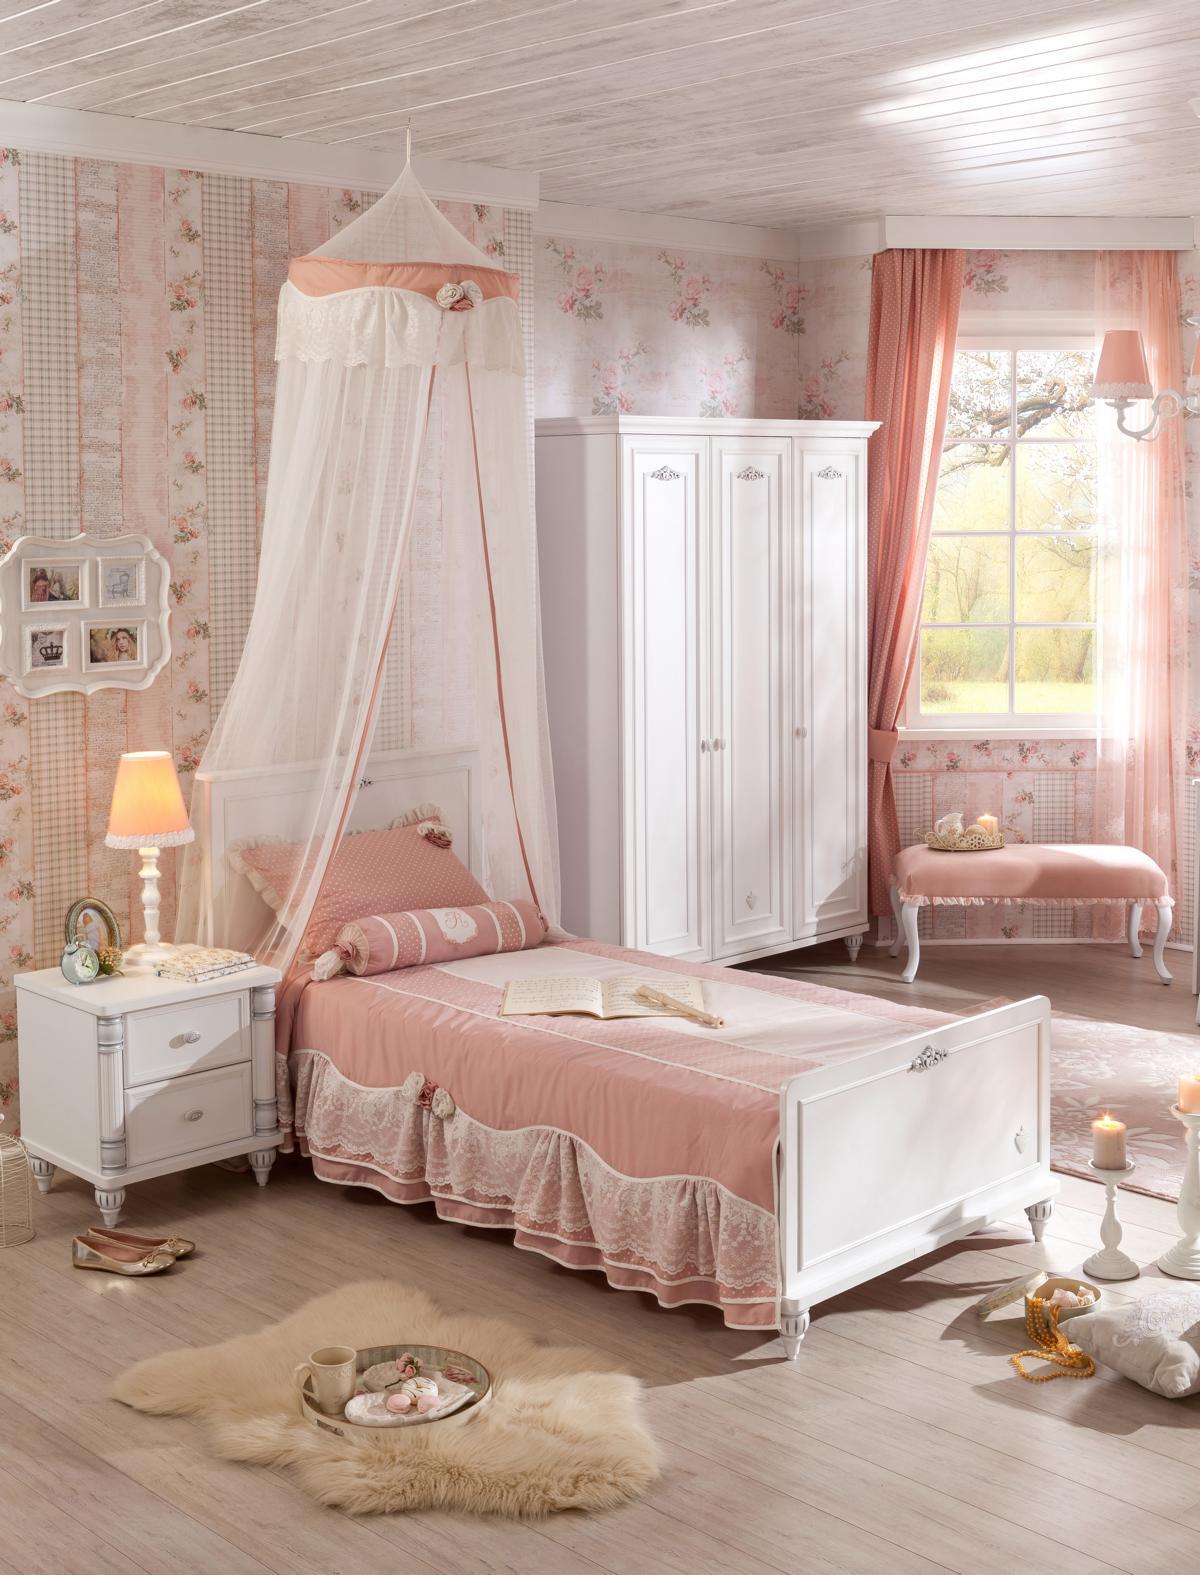 Full Size of Kinderzimmer Set Gnstig Online Kaufen Furnart Sofa Günstig Bett 140x200 Schlafzimmer Komplett Poco Regale Esstisch 160x200 Günstige Wohnzimmer Fenster Kinderzimmer Kinderzimmer Komplett Günstig